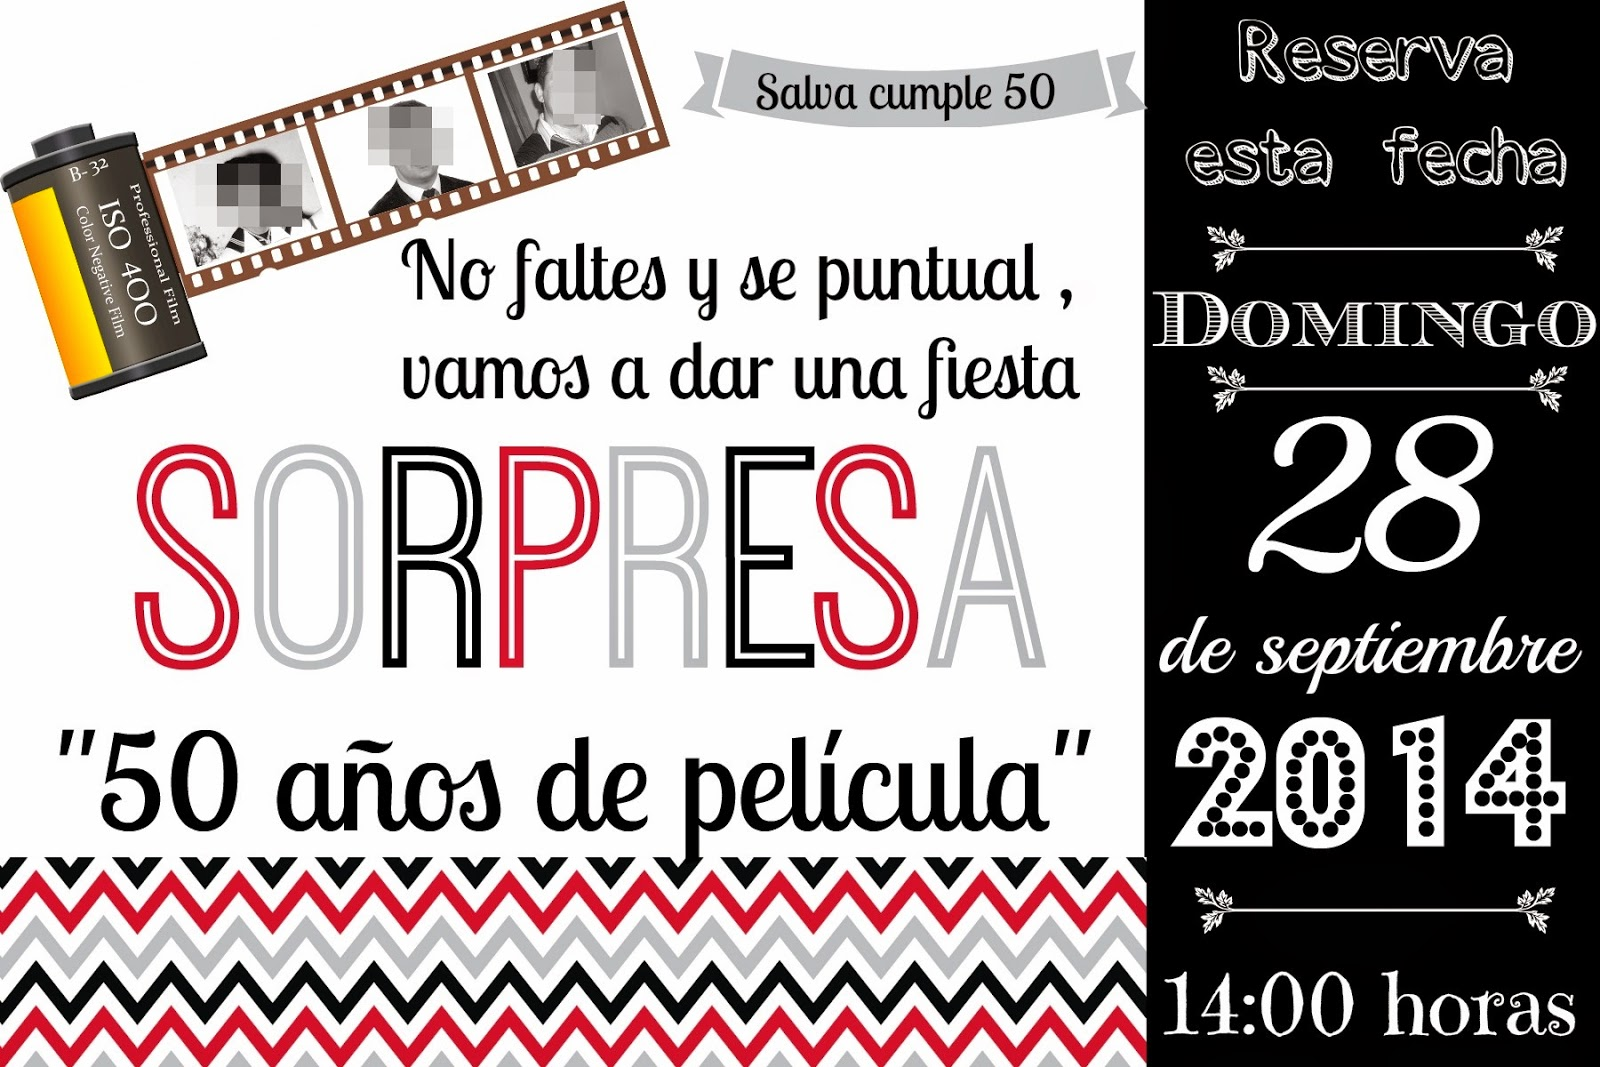 Invitaciones Para Fiesta Sorpresa 50 Anos